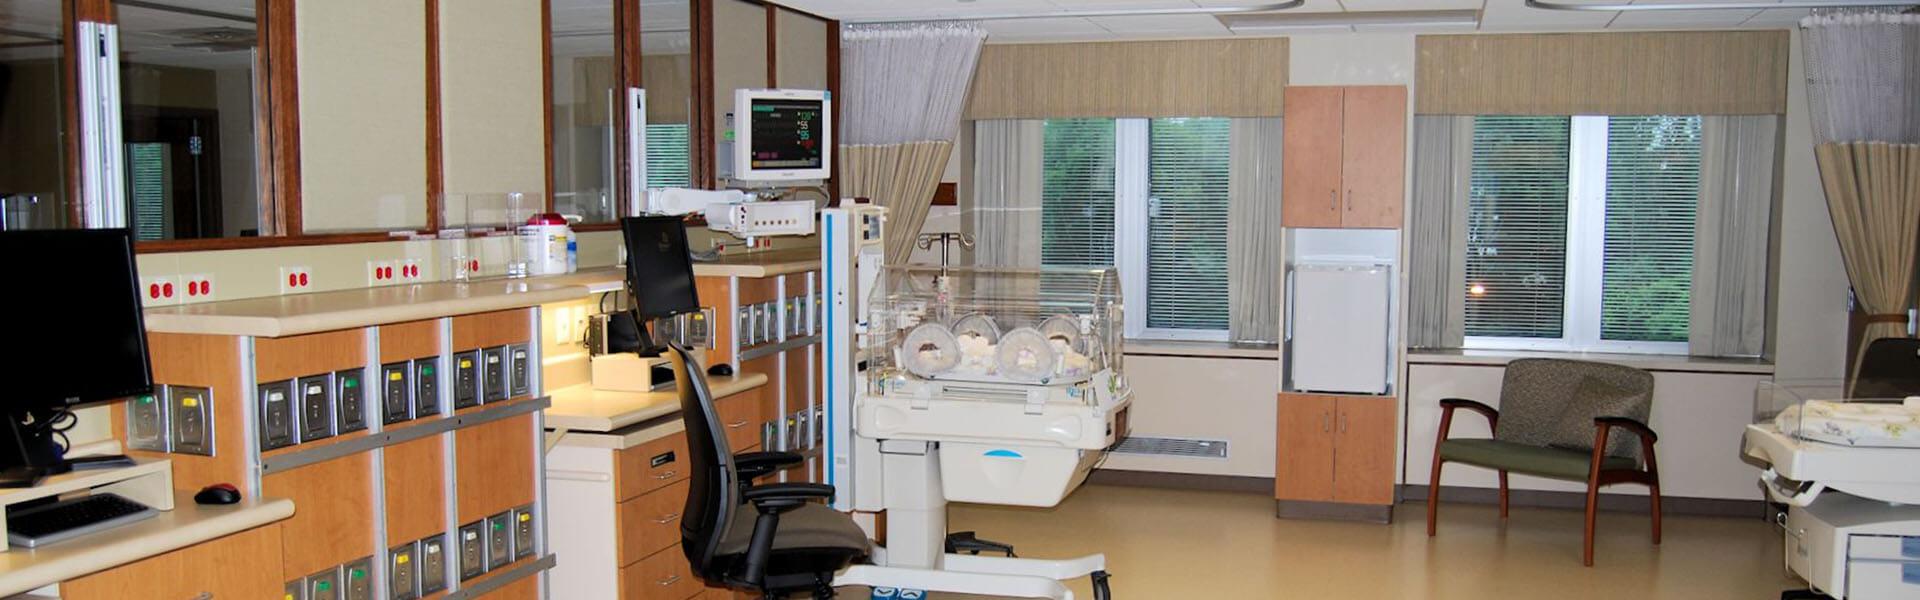 immel-banner_St Vincent Hospital NICU